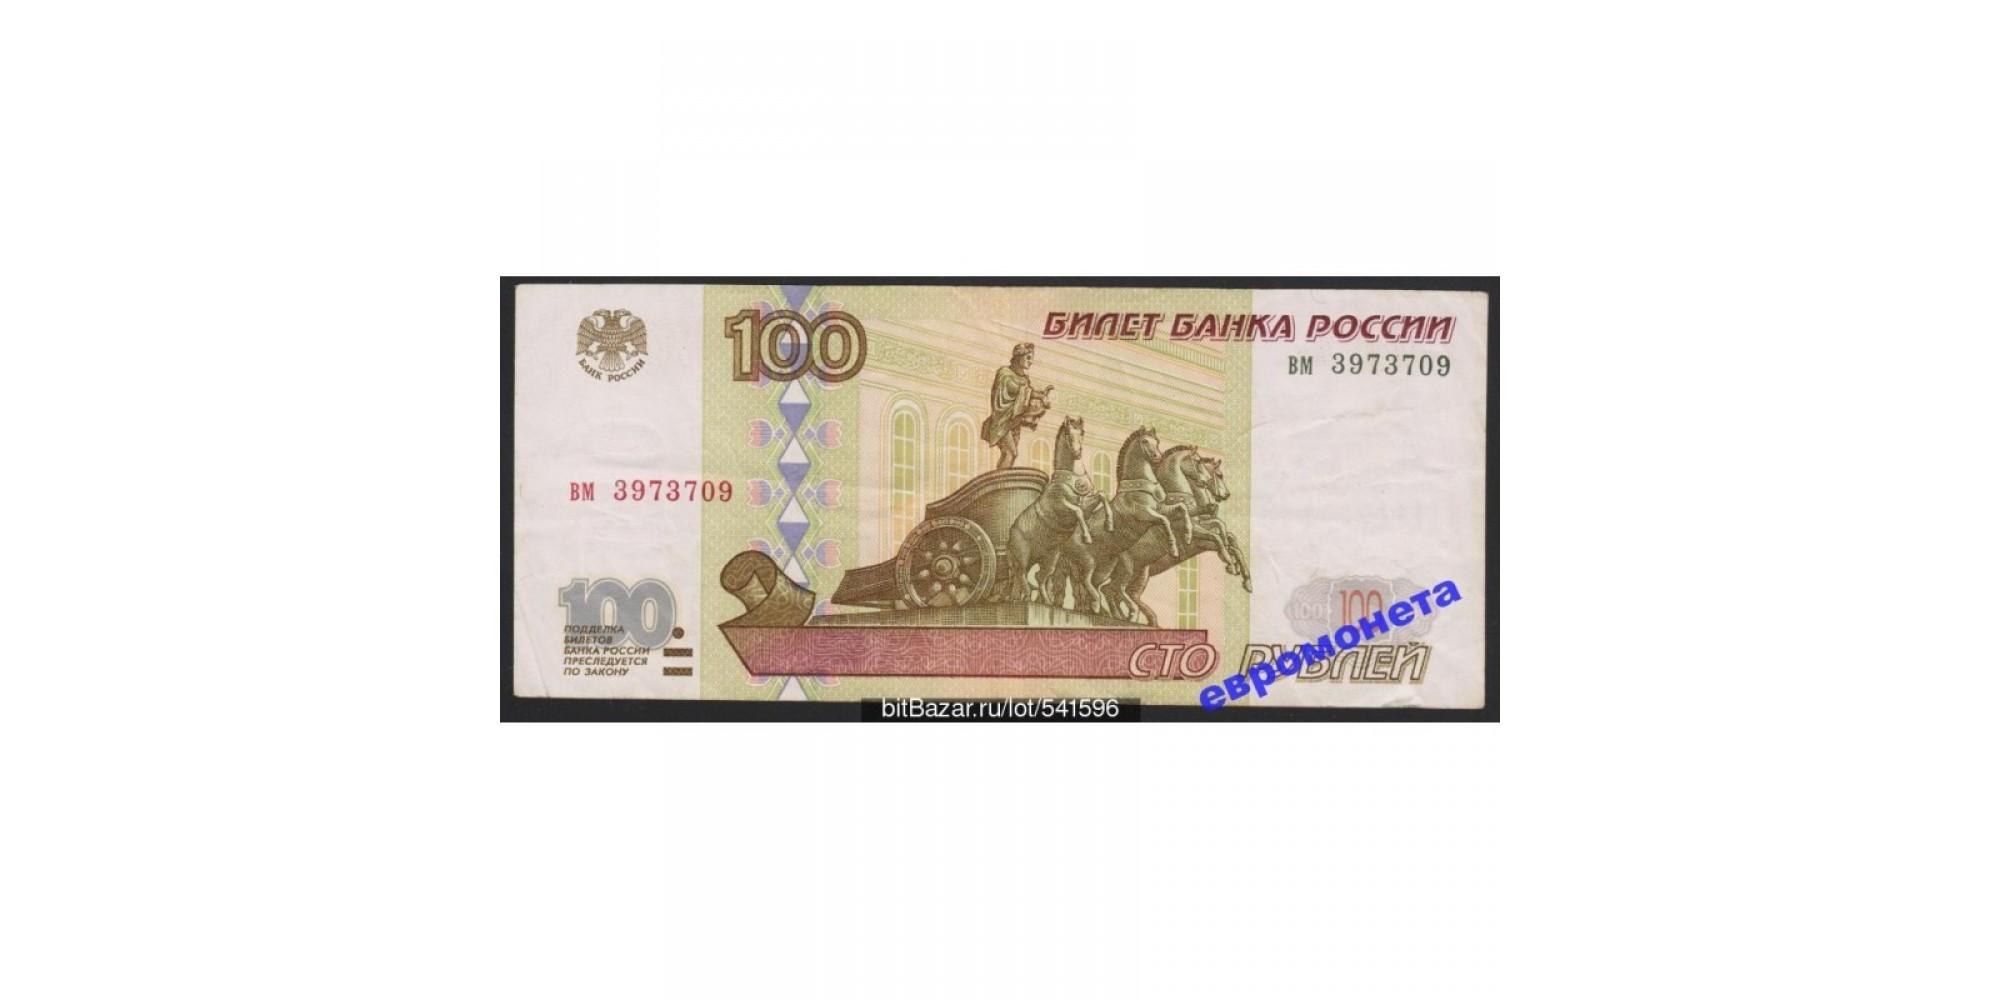 Россия 100 рублей 1997 год без модификации серия вм 3973709